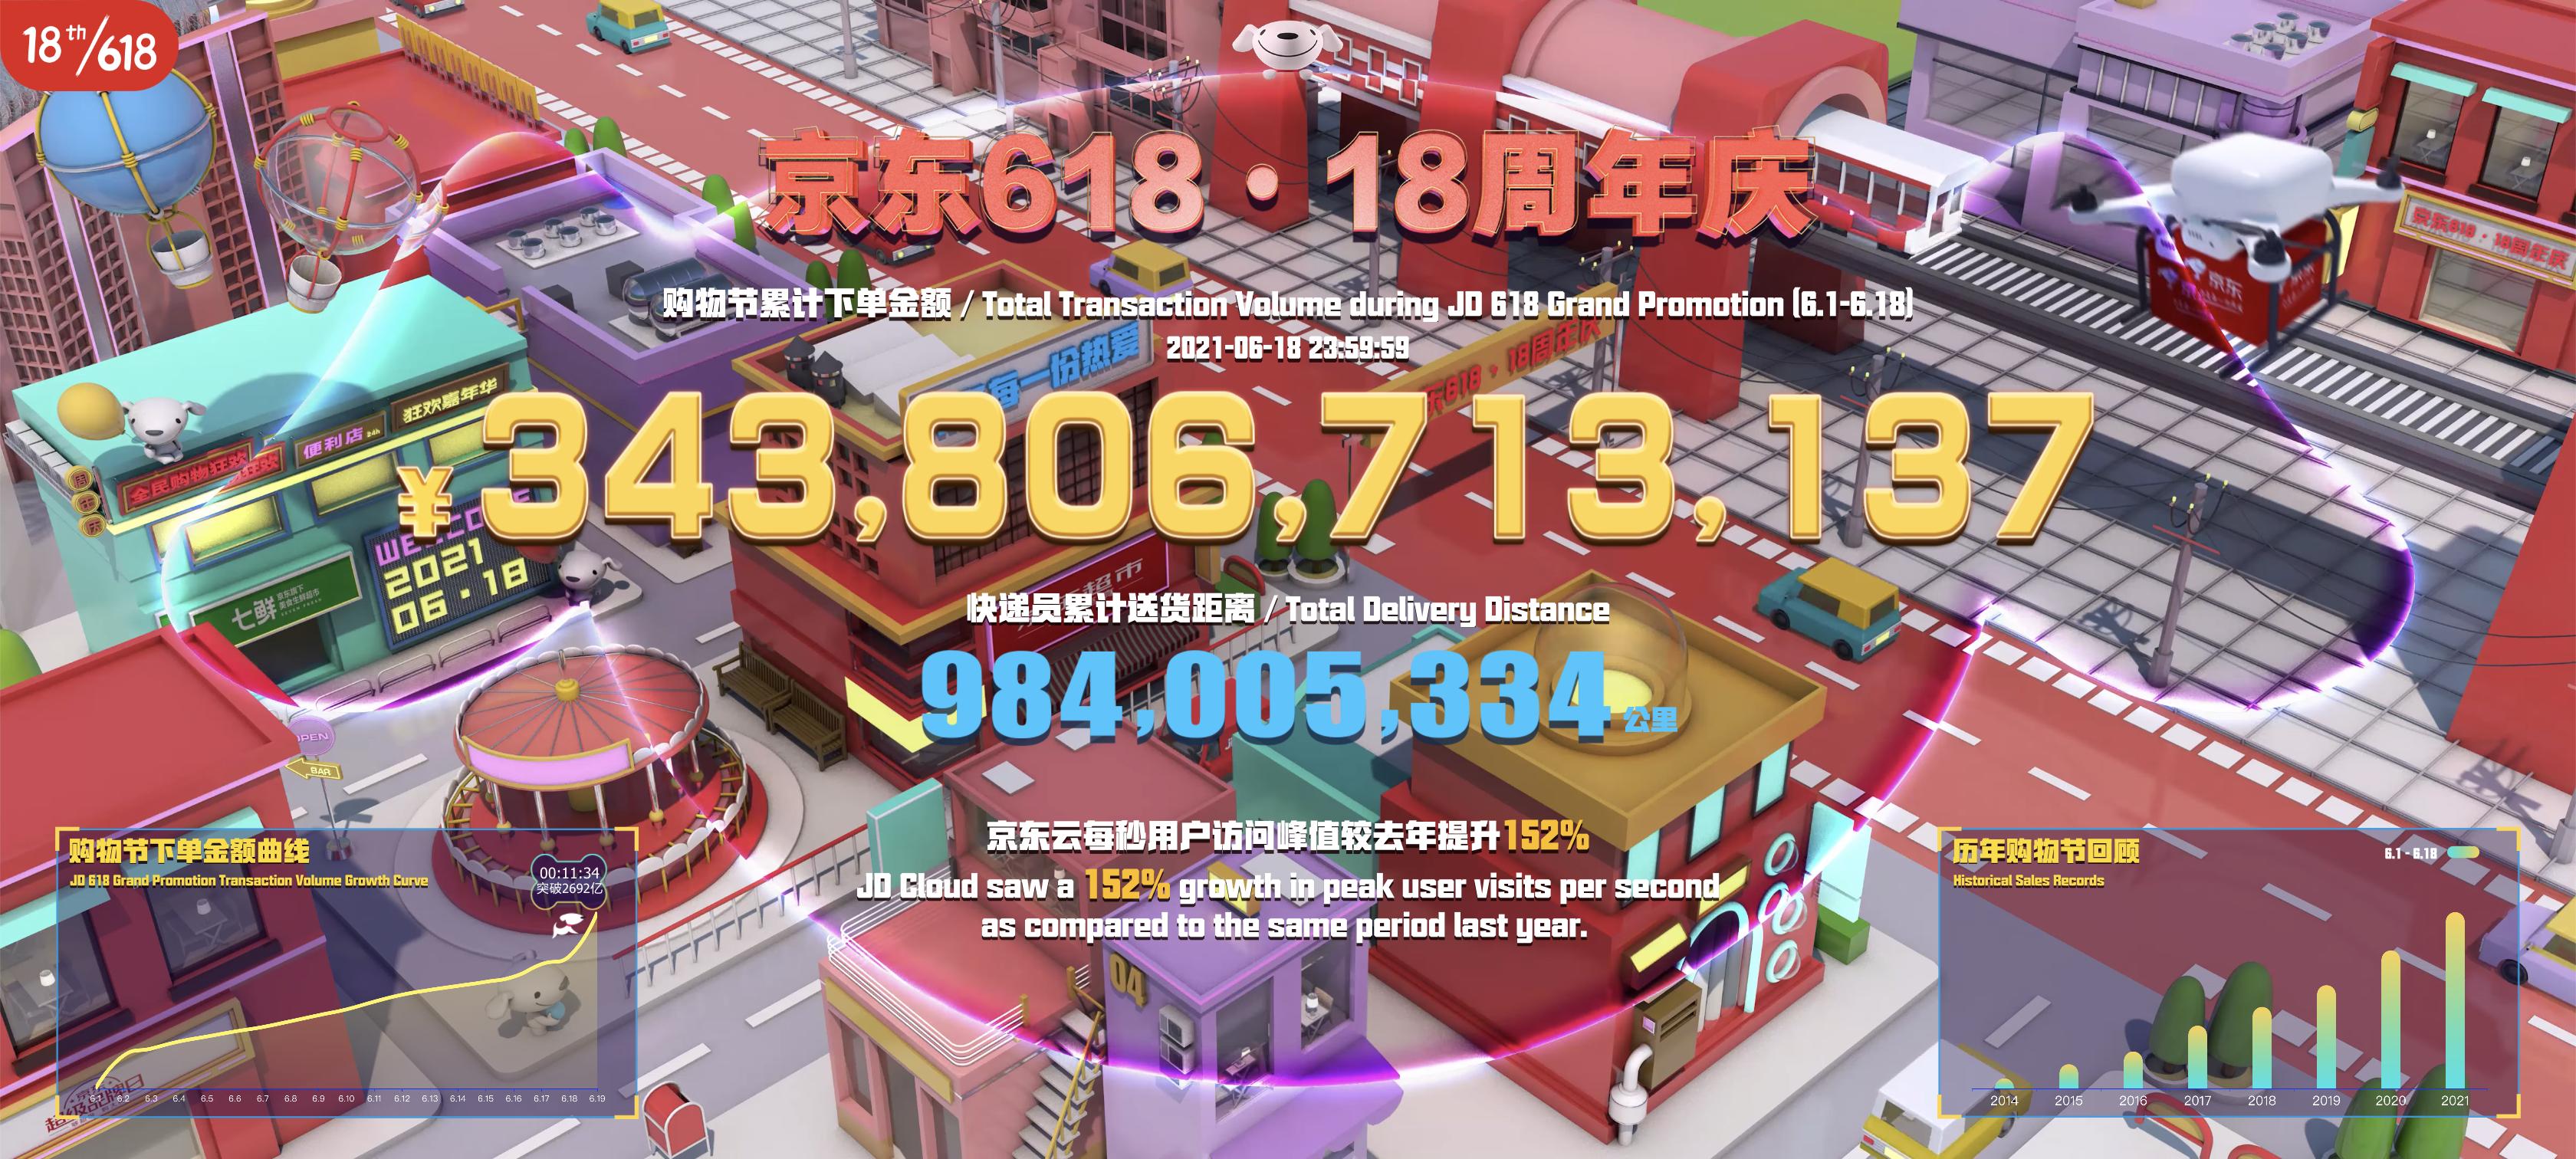 信宏注册登录:3438亿元!京东618下单金额创新高,同比增27.7%